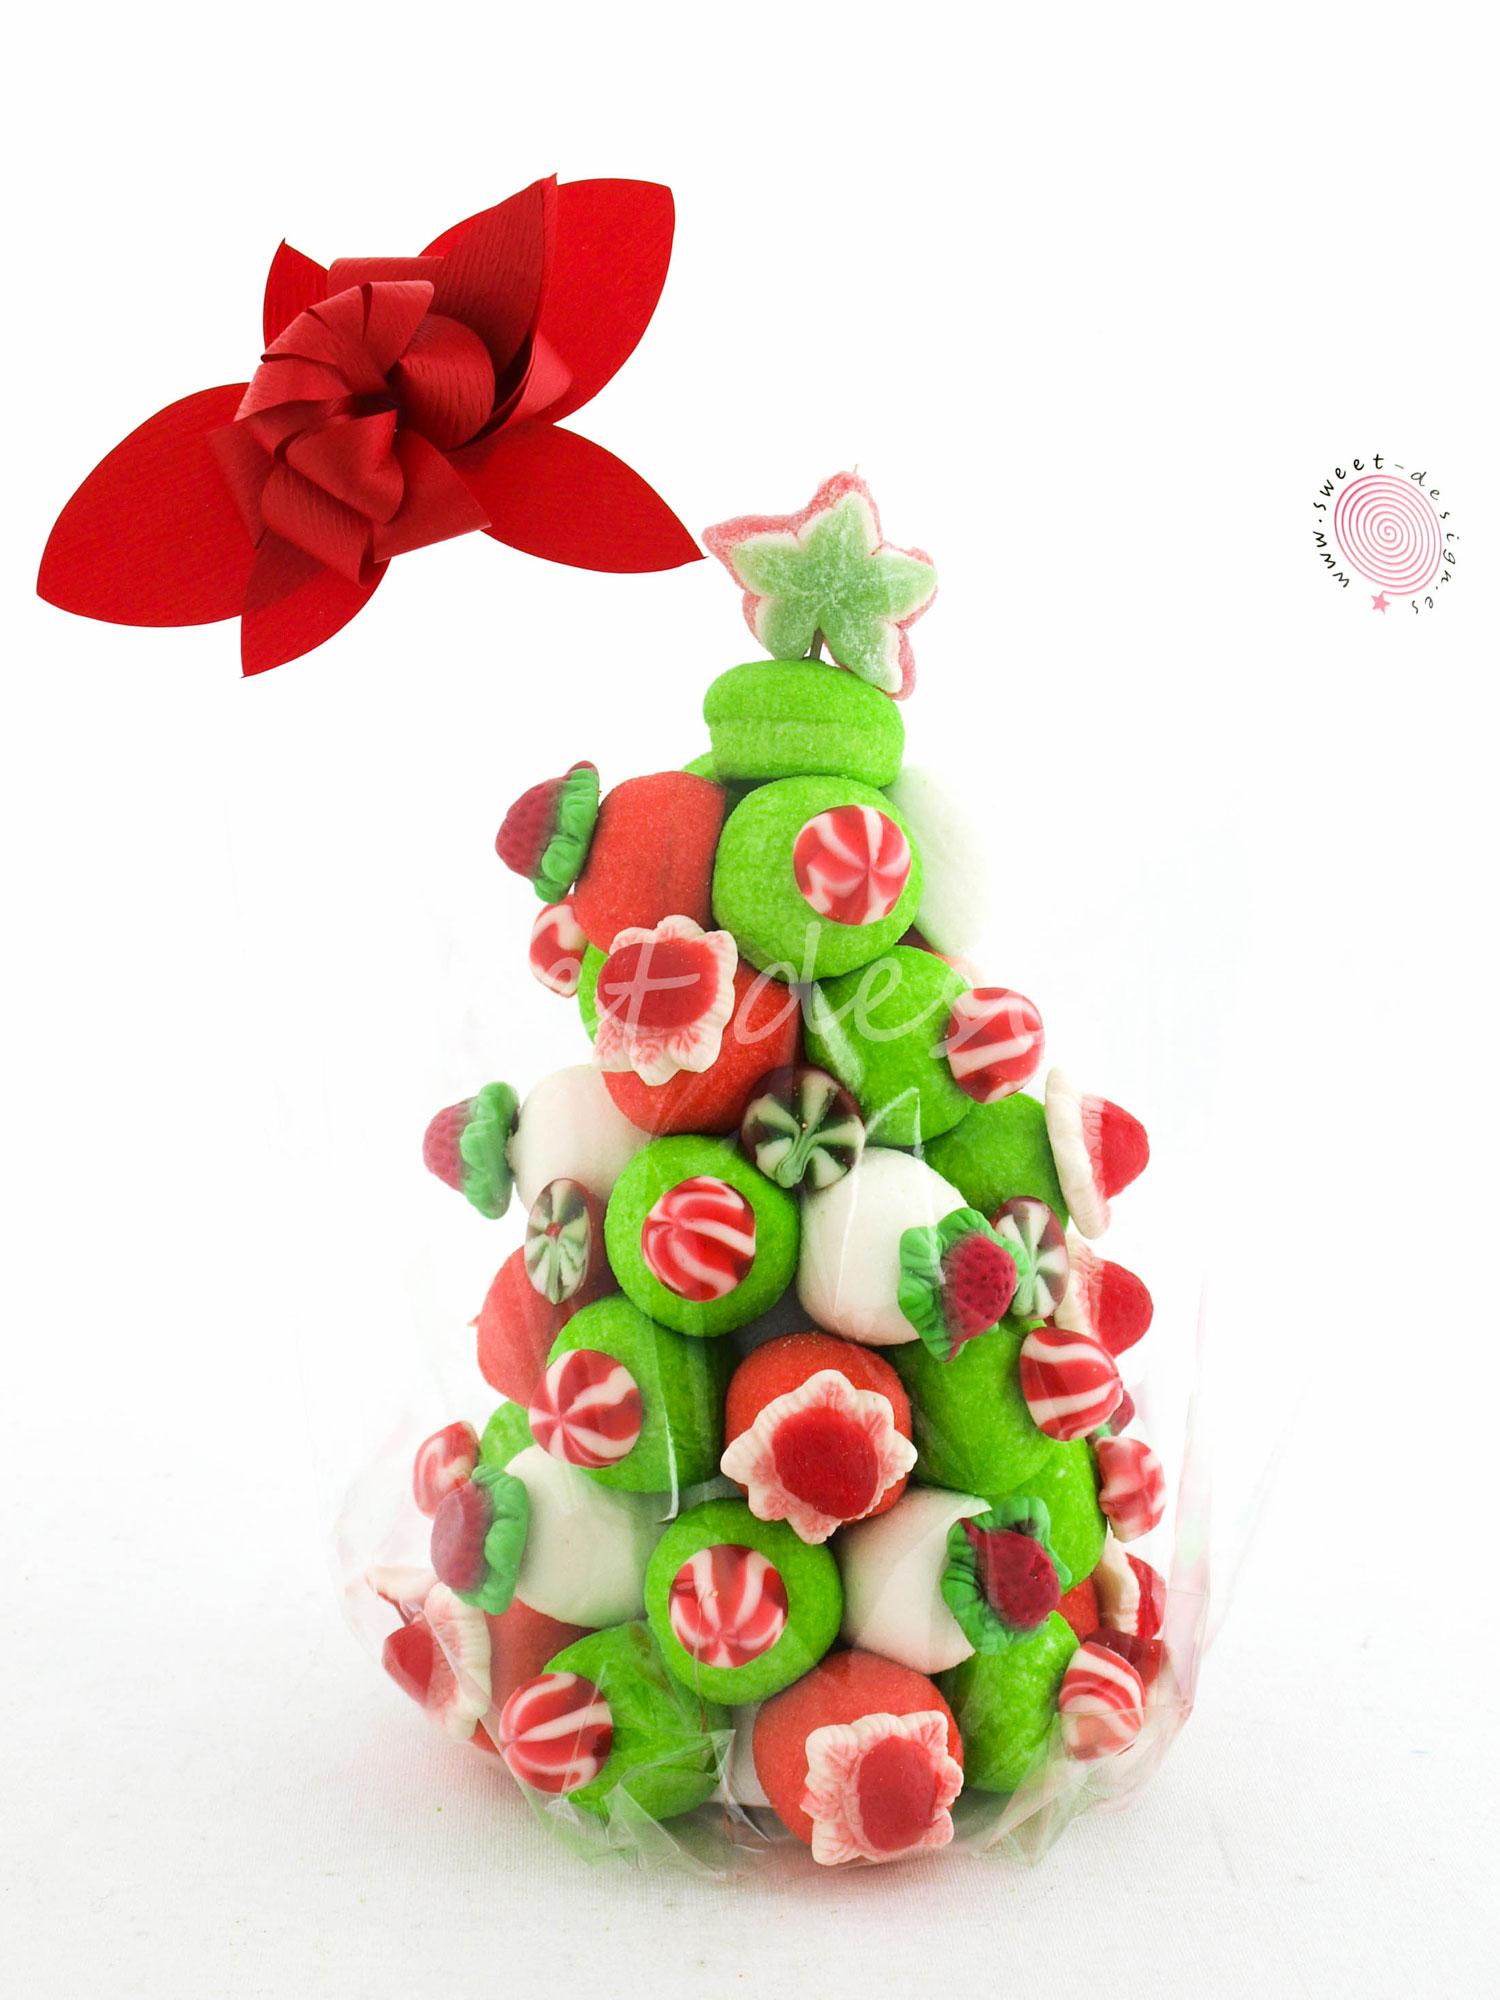 Arbol de navidad sweet design - Albol de navidad ...